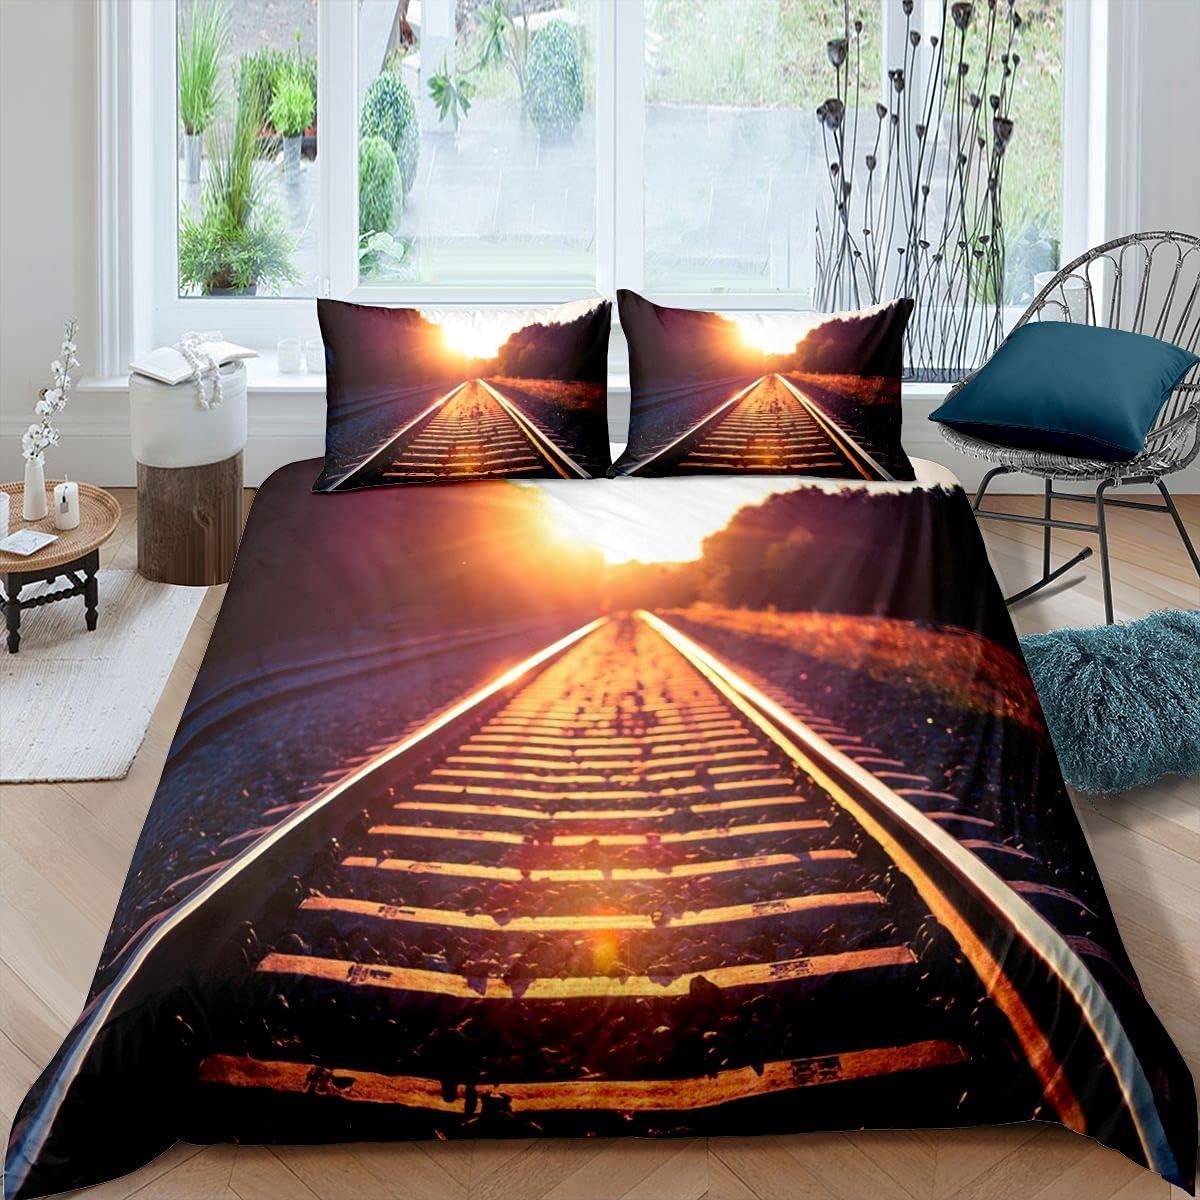 Juego de ropa de cama de estilo moderno Orbit Sunlight funda de edredón para niños y niñas de microfibra para decoración de habitación Super King